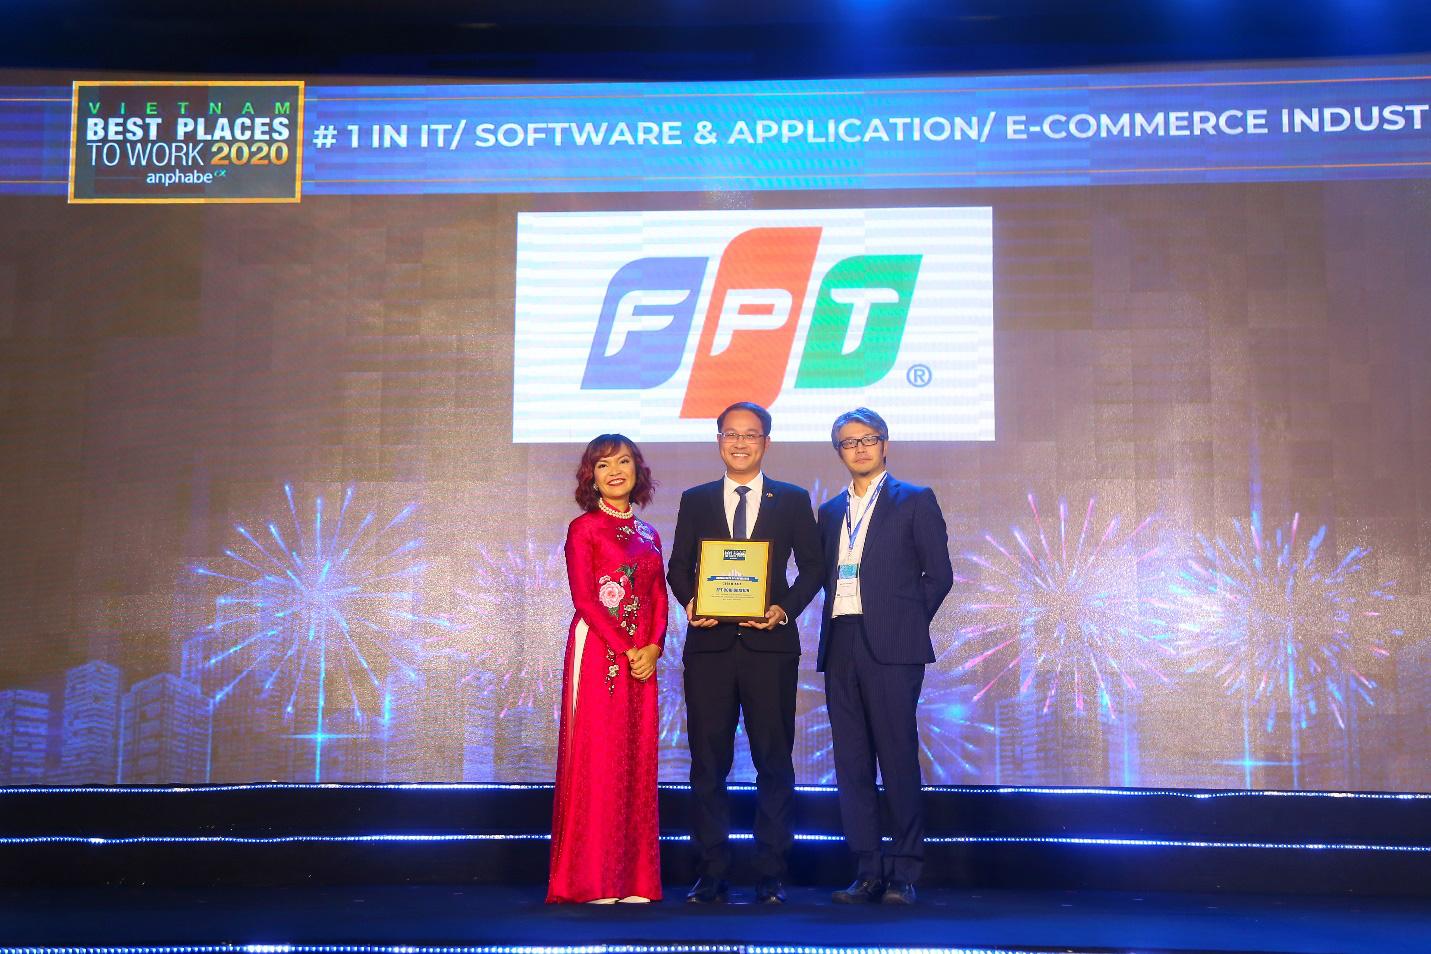 Tạo điều kiện phát triển tài năng và sáng tạo, FPT là nơi làm việc tốt nhất ngành công nghệ thông tin - Ảnh 1.